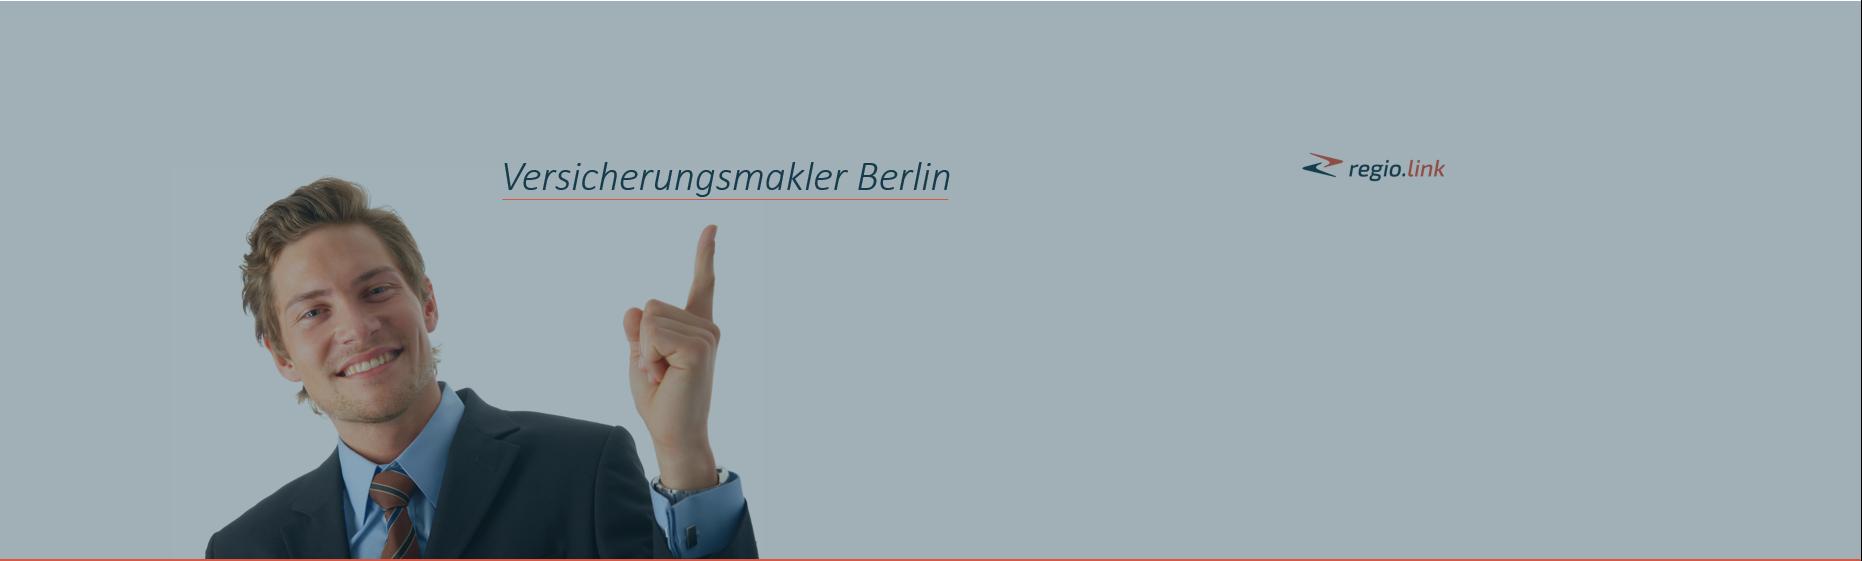 Versicherungsmakler Berlin regio.link